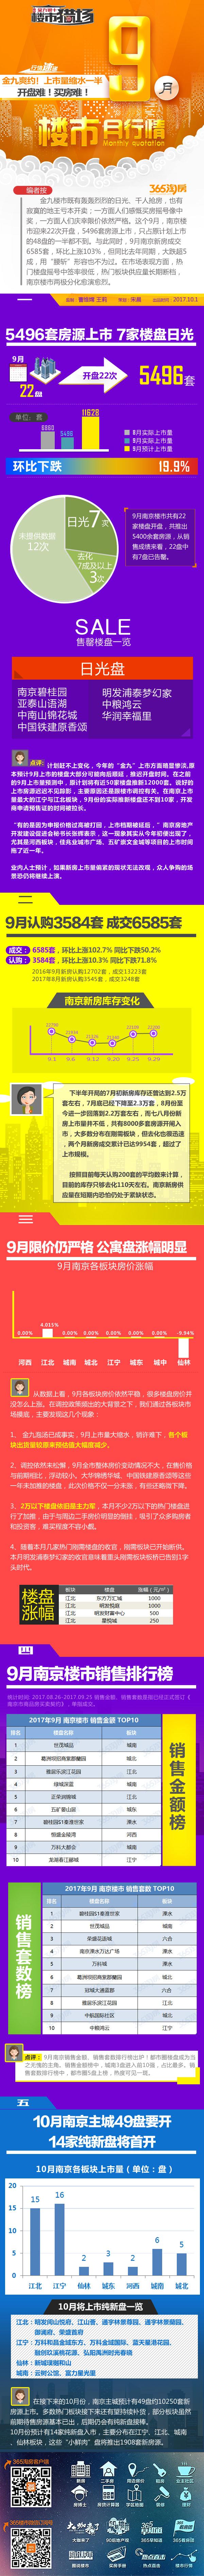 9月南京网尚数据